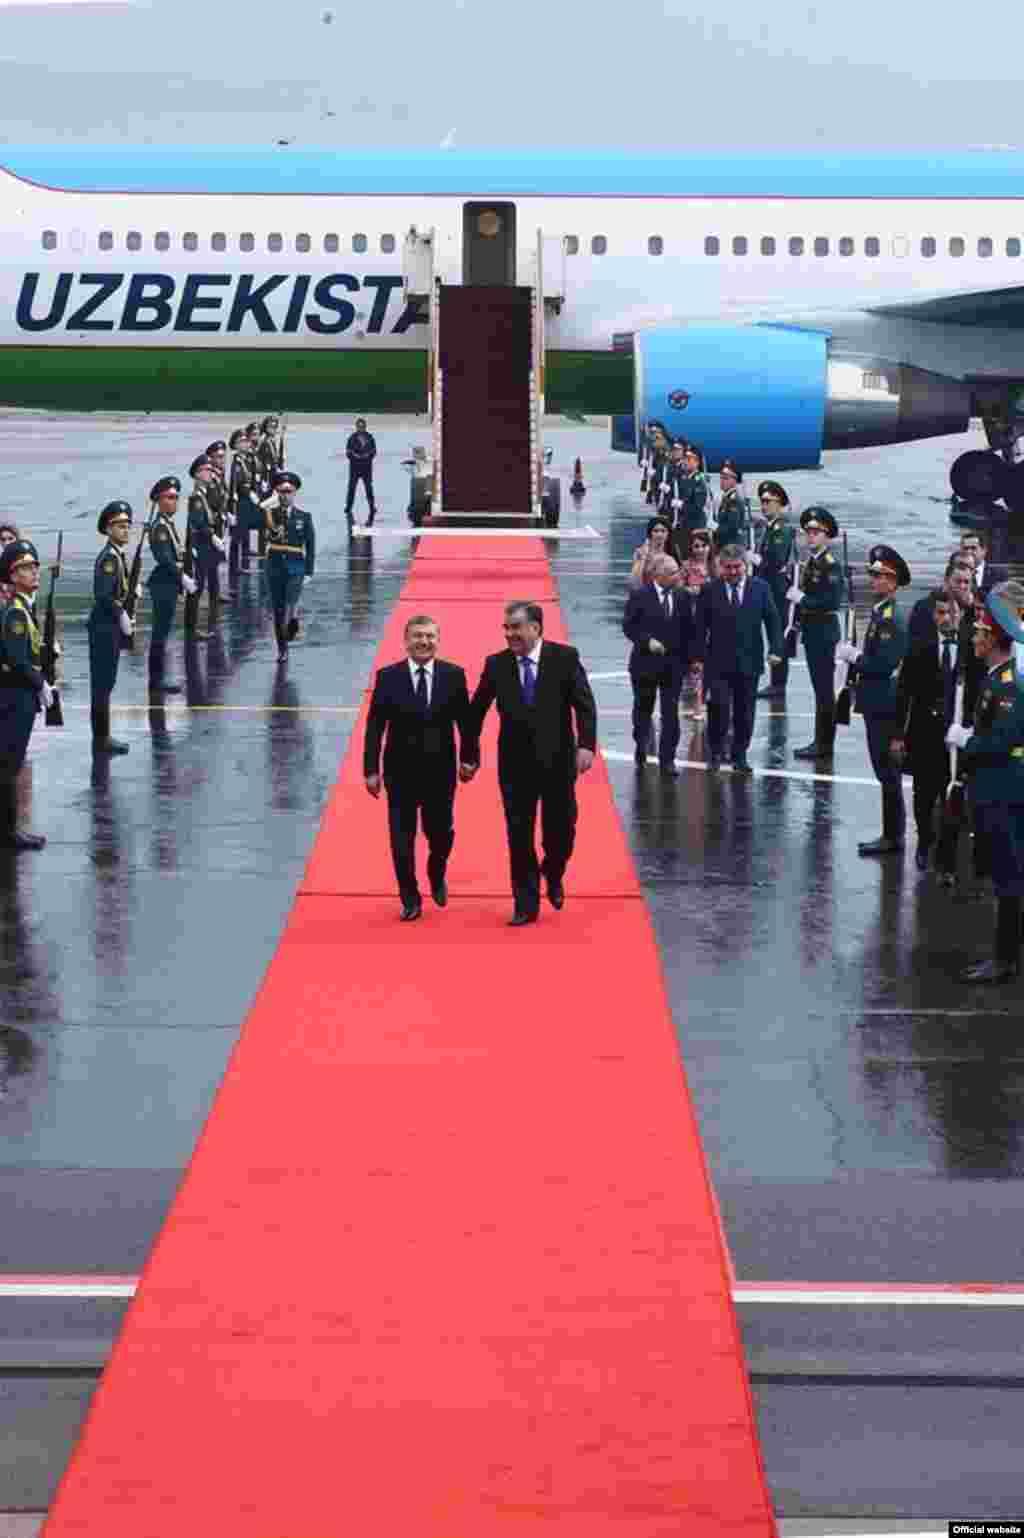 В международном аэропорту города Душанбе узбекского президента встретили президент Таджикистана Эмомали Рахмон и другие официальные лица, передает Таджикская редакция Азаттыка.